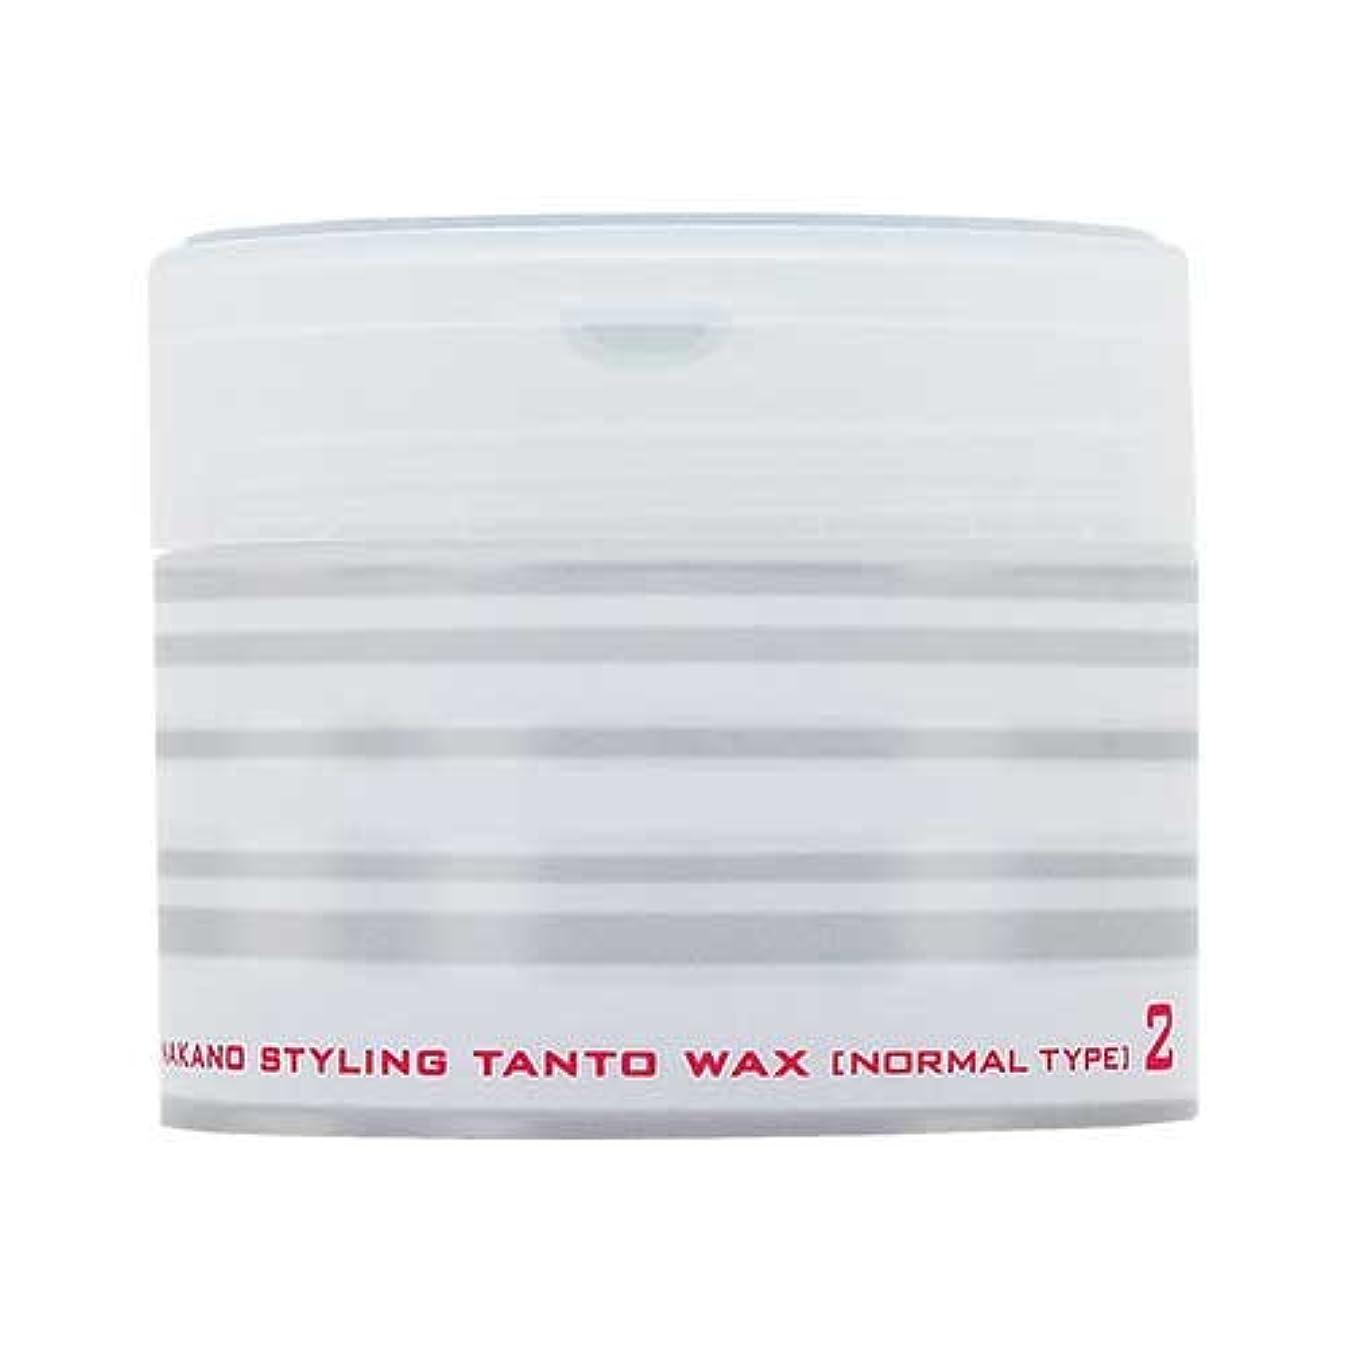 イソギンチャク息切れパイルナカノ スタイリング タントN ワックス 2 ノーマルタイプ 90g 中野製薬 NAKANO